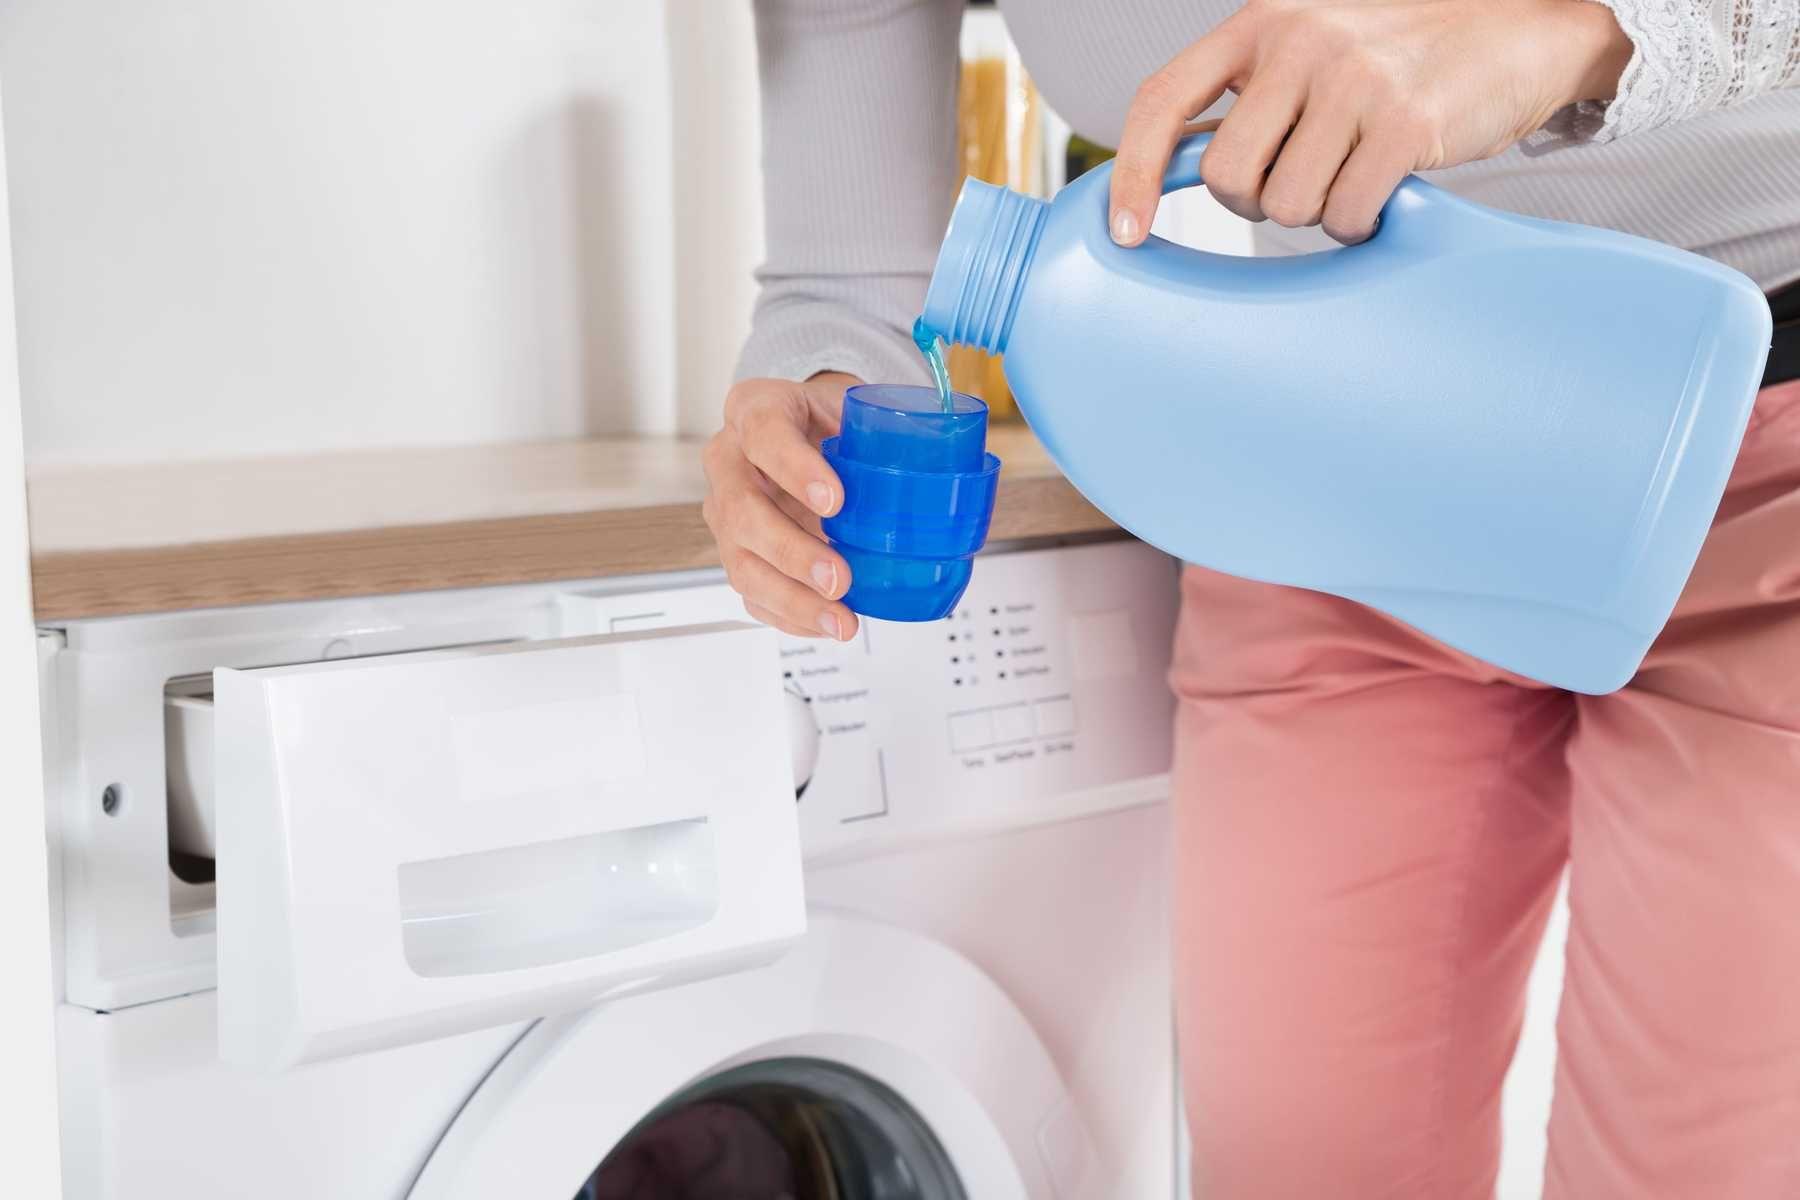 Dùng loại nước giặt ngăn ngừa 5 dấu hiệu lão hóa cho quần áo